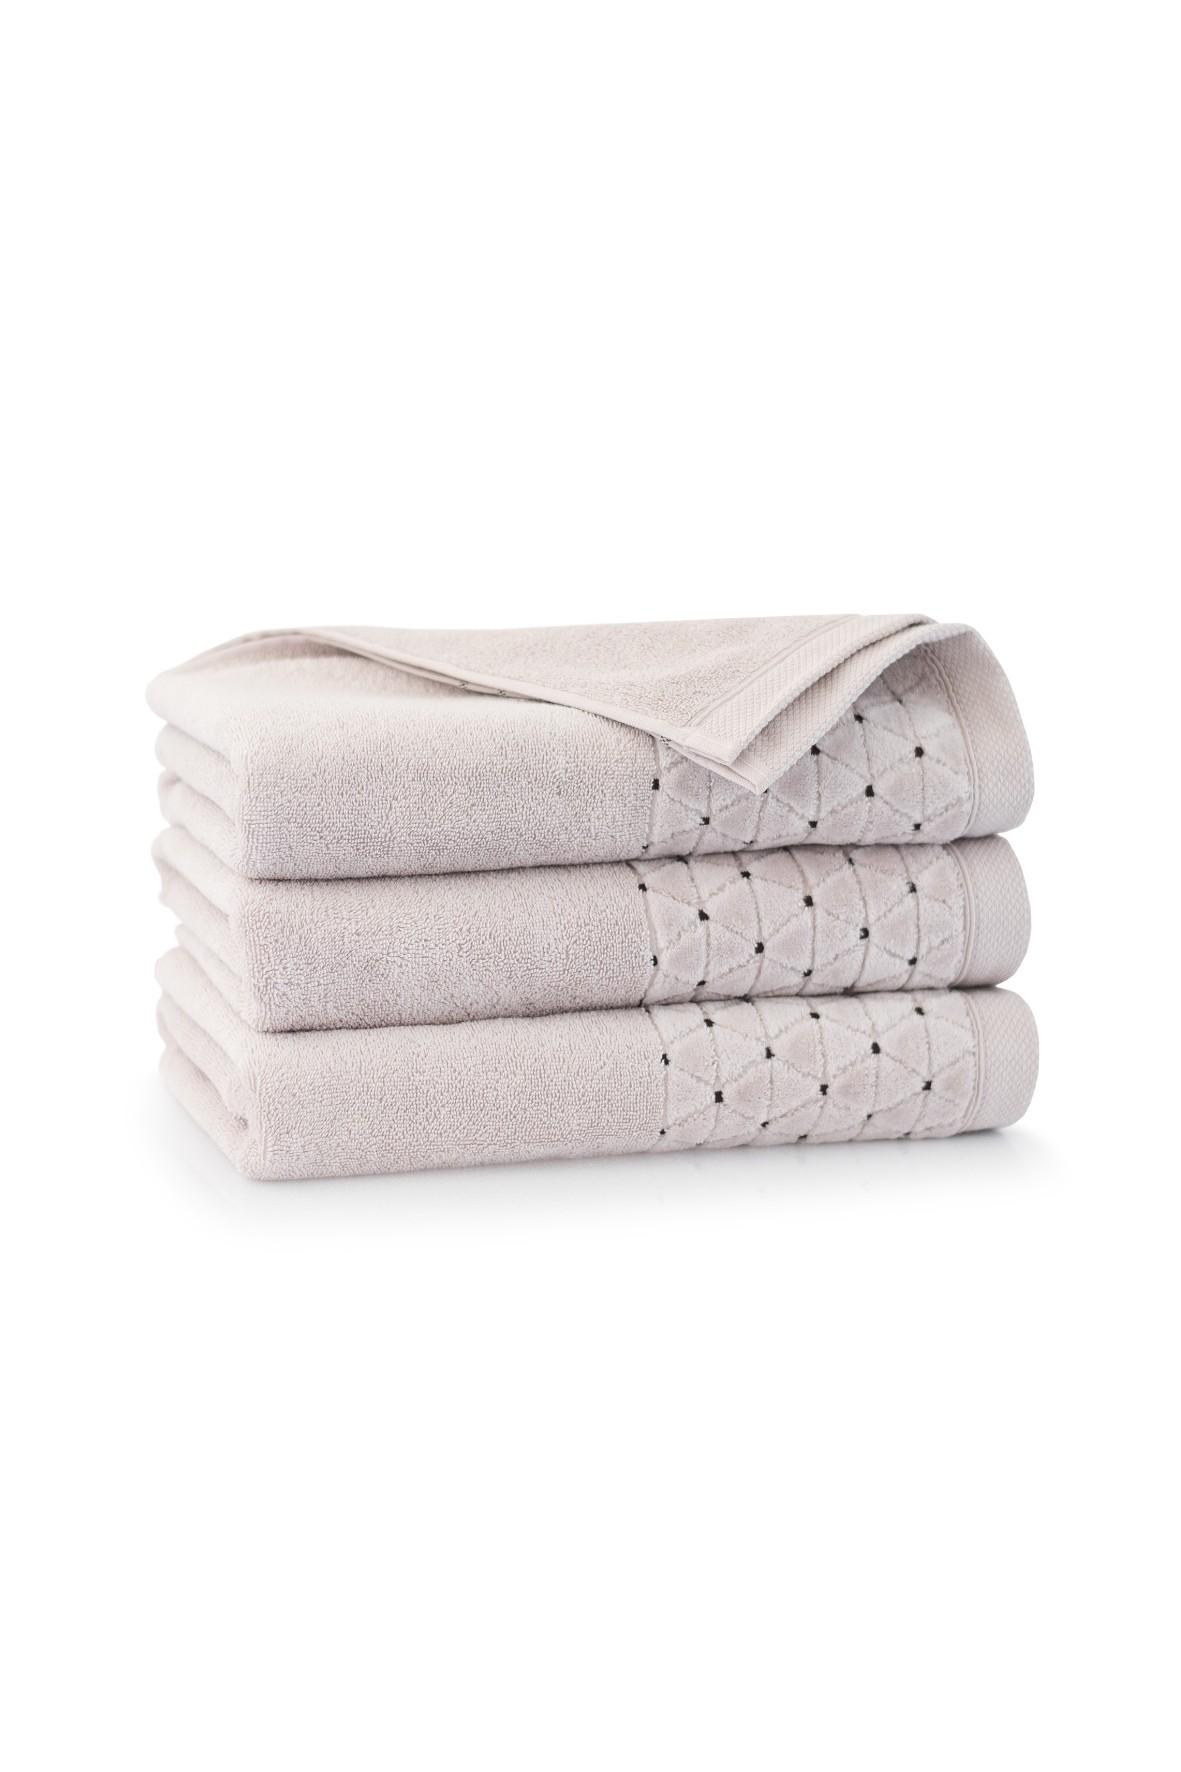 Ręcznik antybakteryjny Oscar z bawełny egipskiej - 70x140 cm